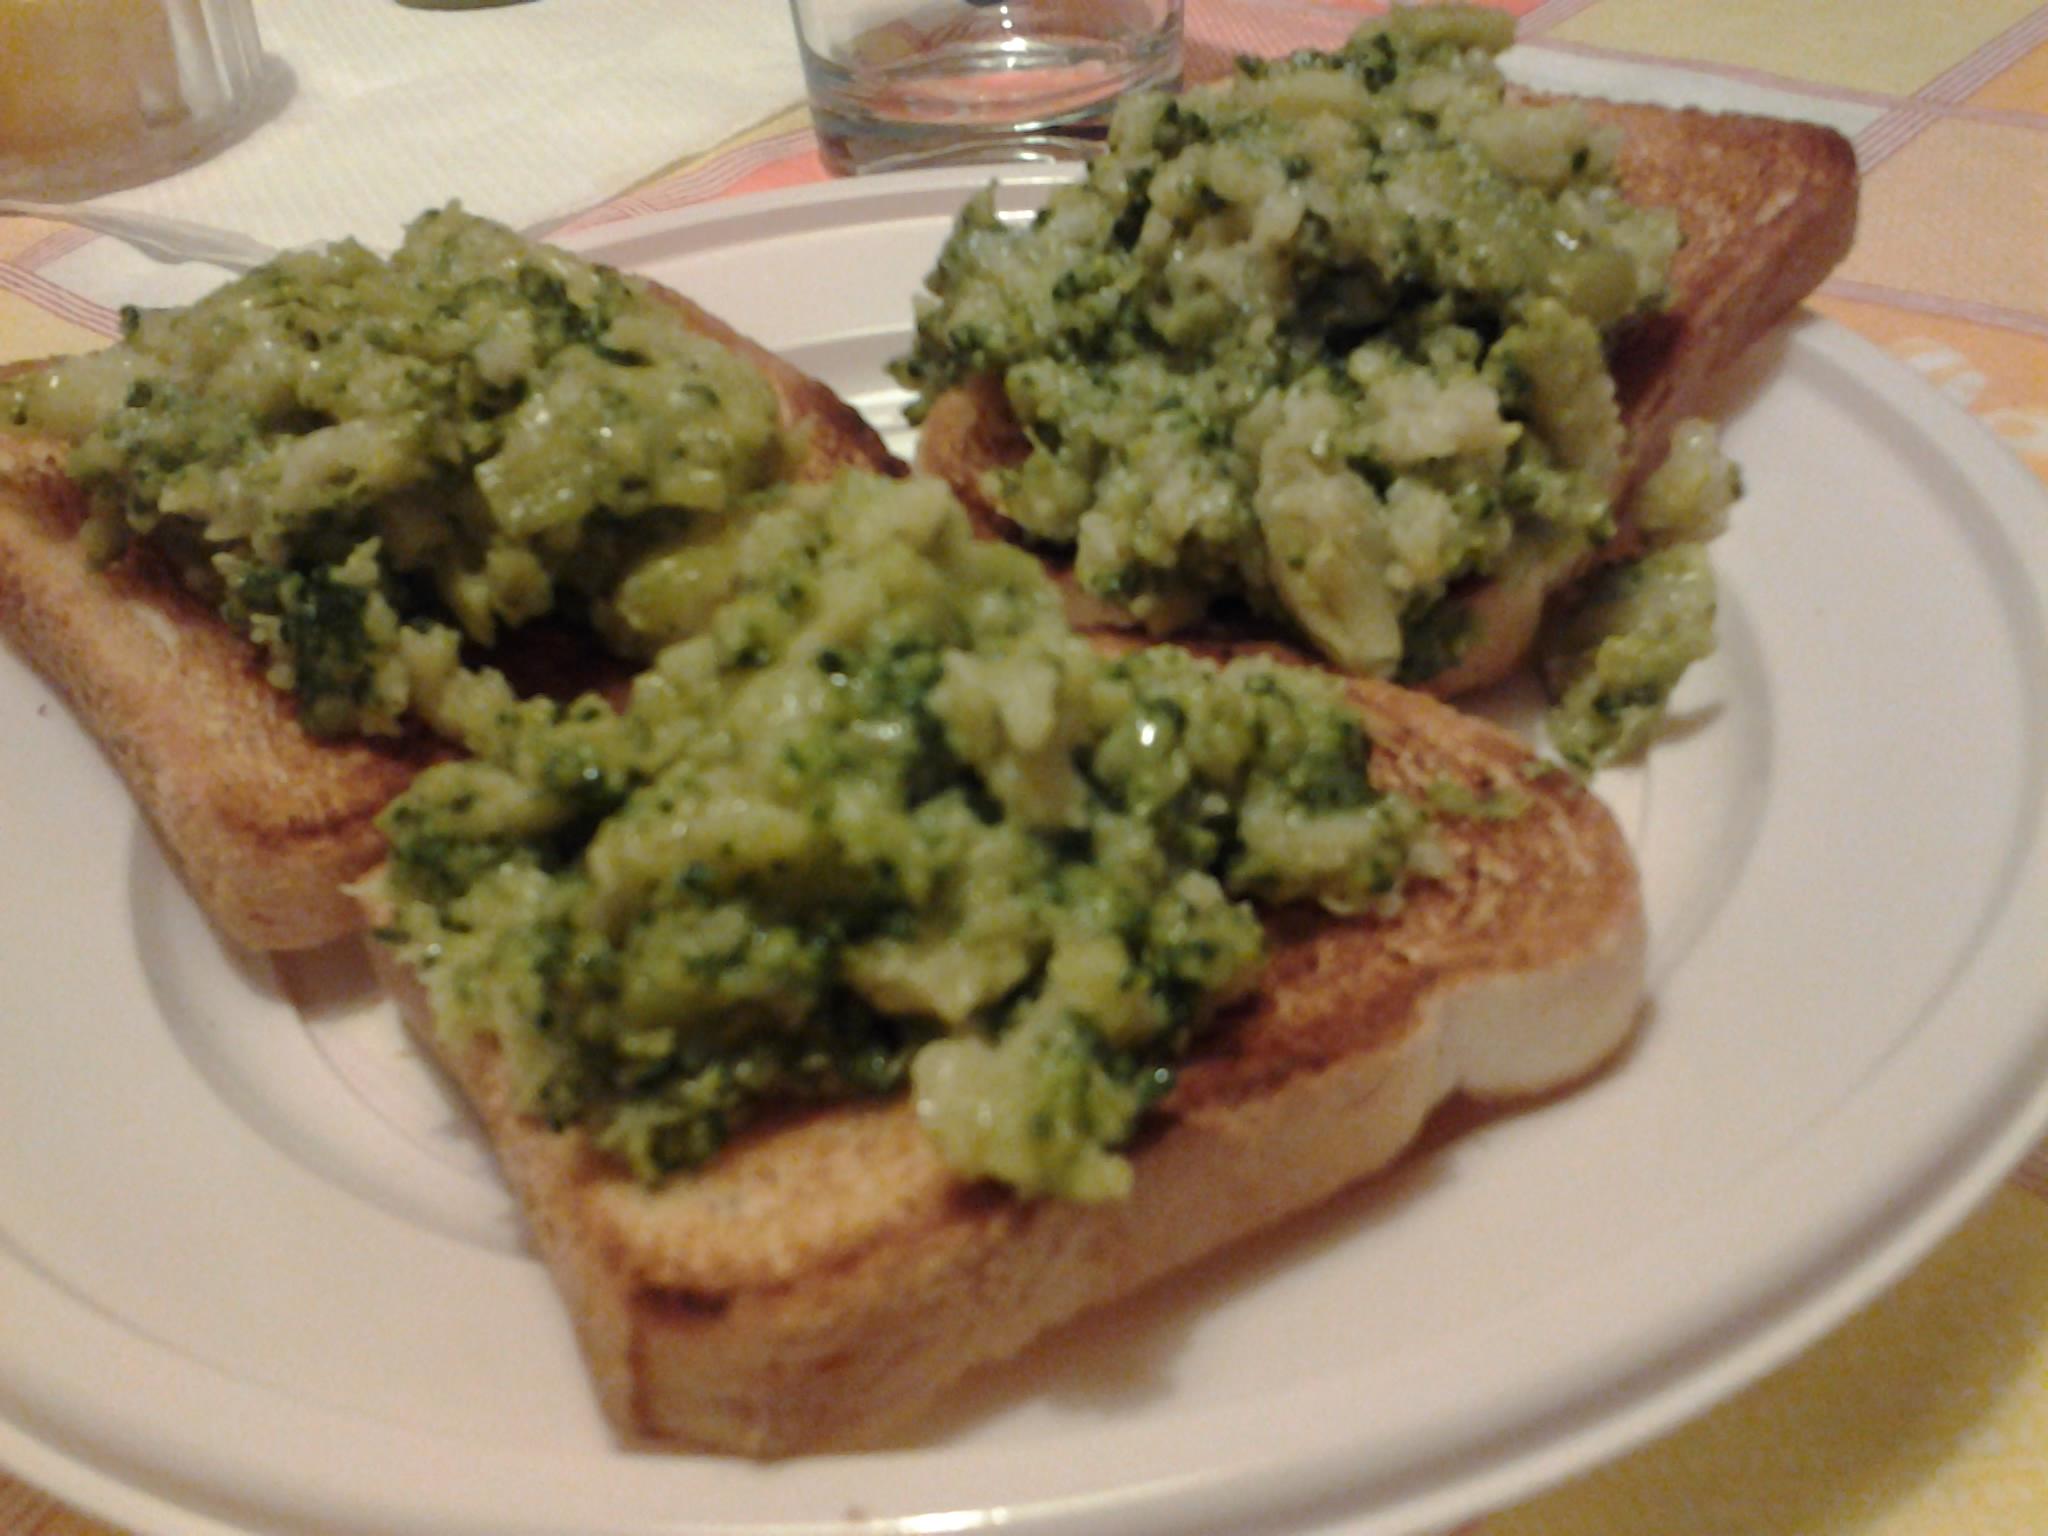 Pane bianco tostato farcito di broccoli lessi, olio evo e succo di limone